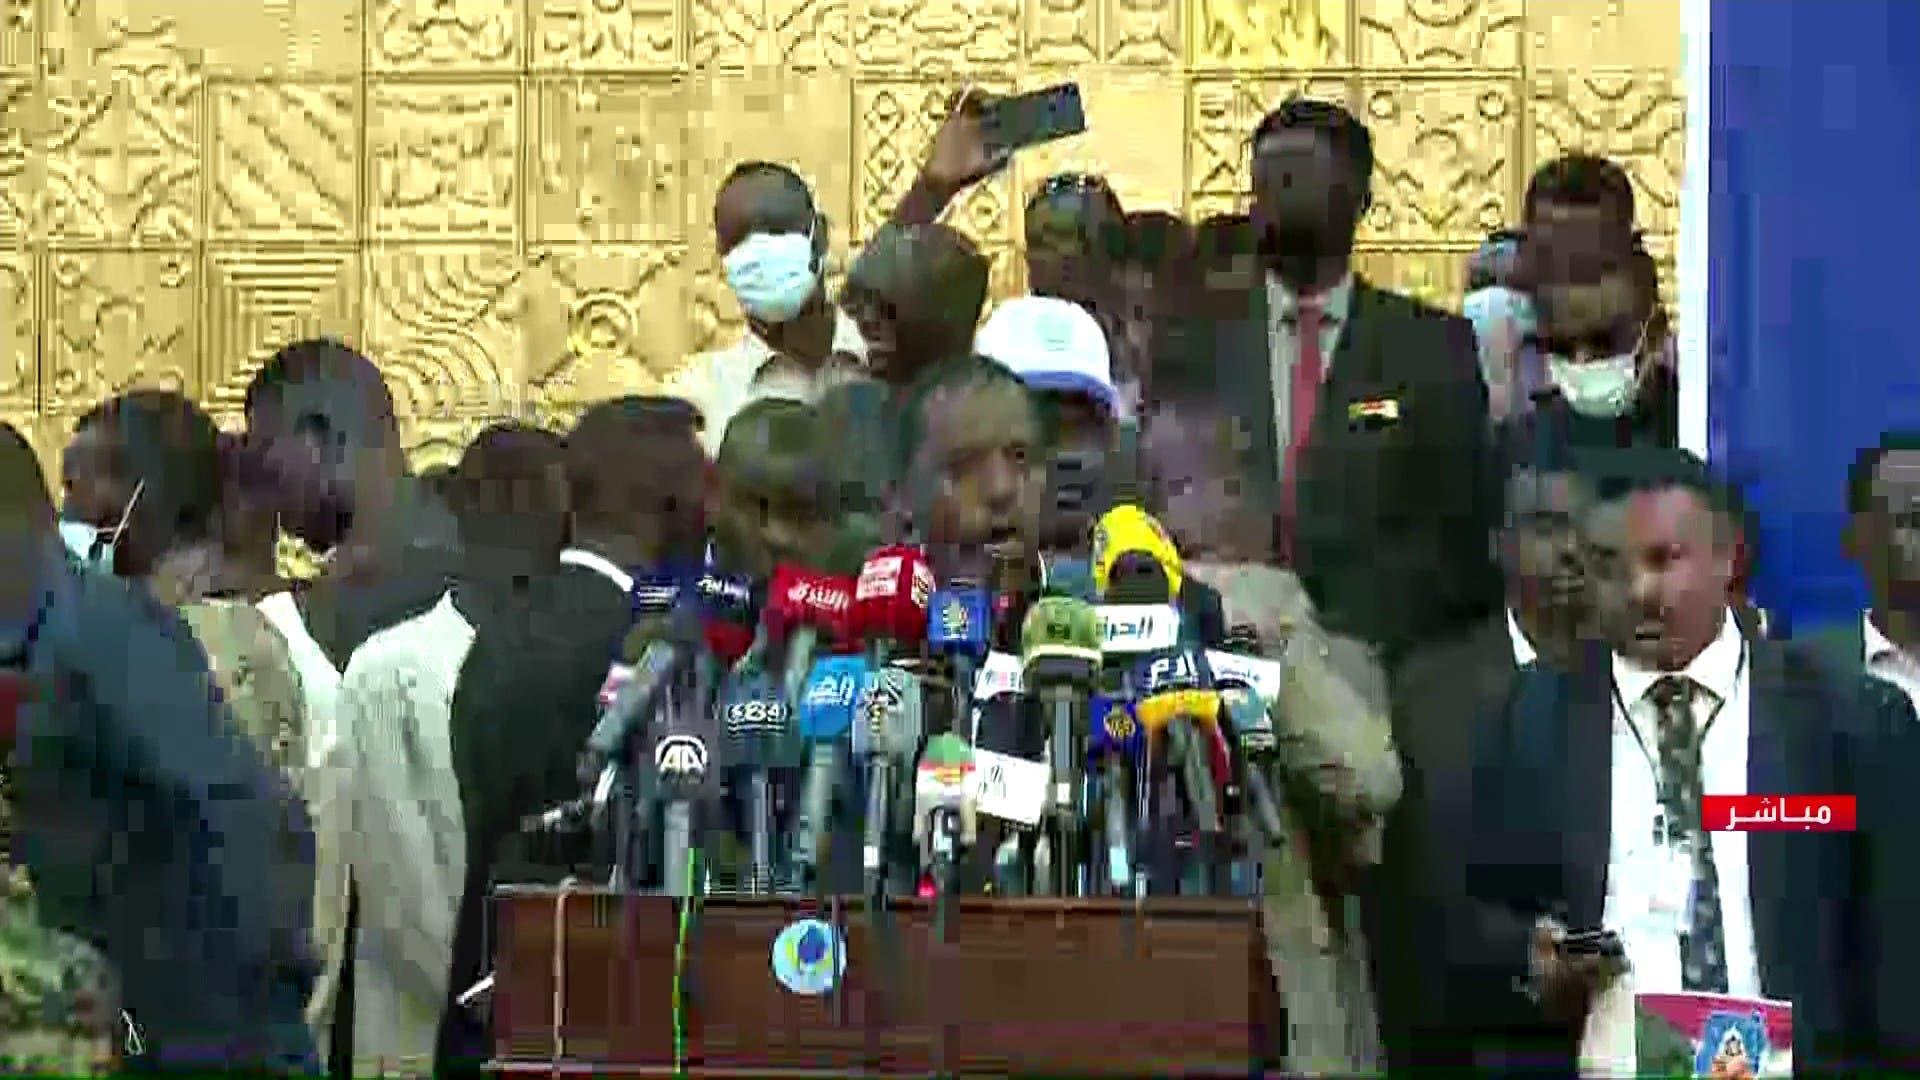 إعلان سياسي لمنشقين عن قوى الحرية والتغيير في السودان